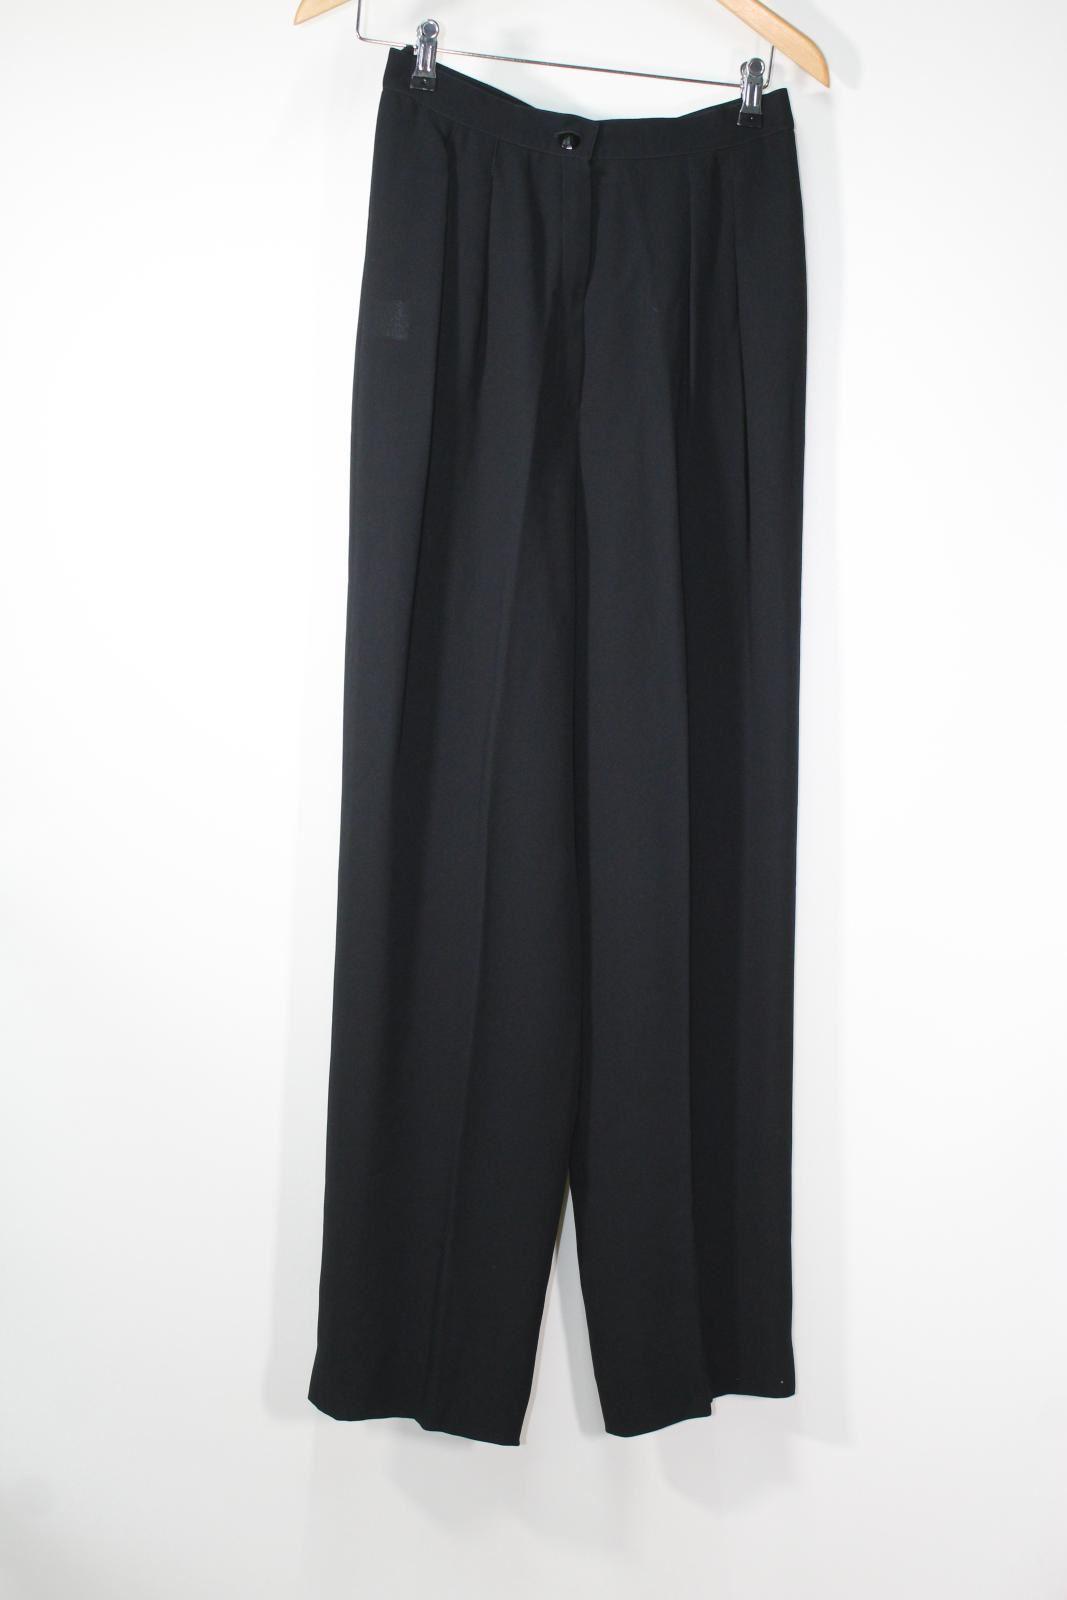 EMANUEL UNGARO Donna Nero Crepe di Seta Righe Con Pieghe Sul Davanti Pantaloni UK10 W27 L33 NUOVO CON ETICHETTA